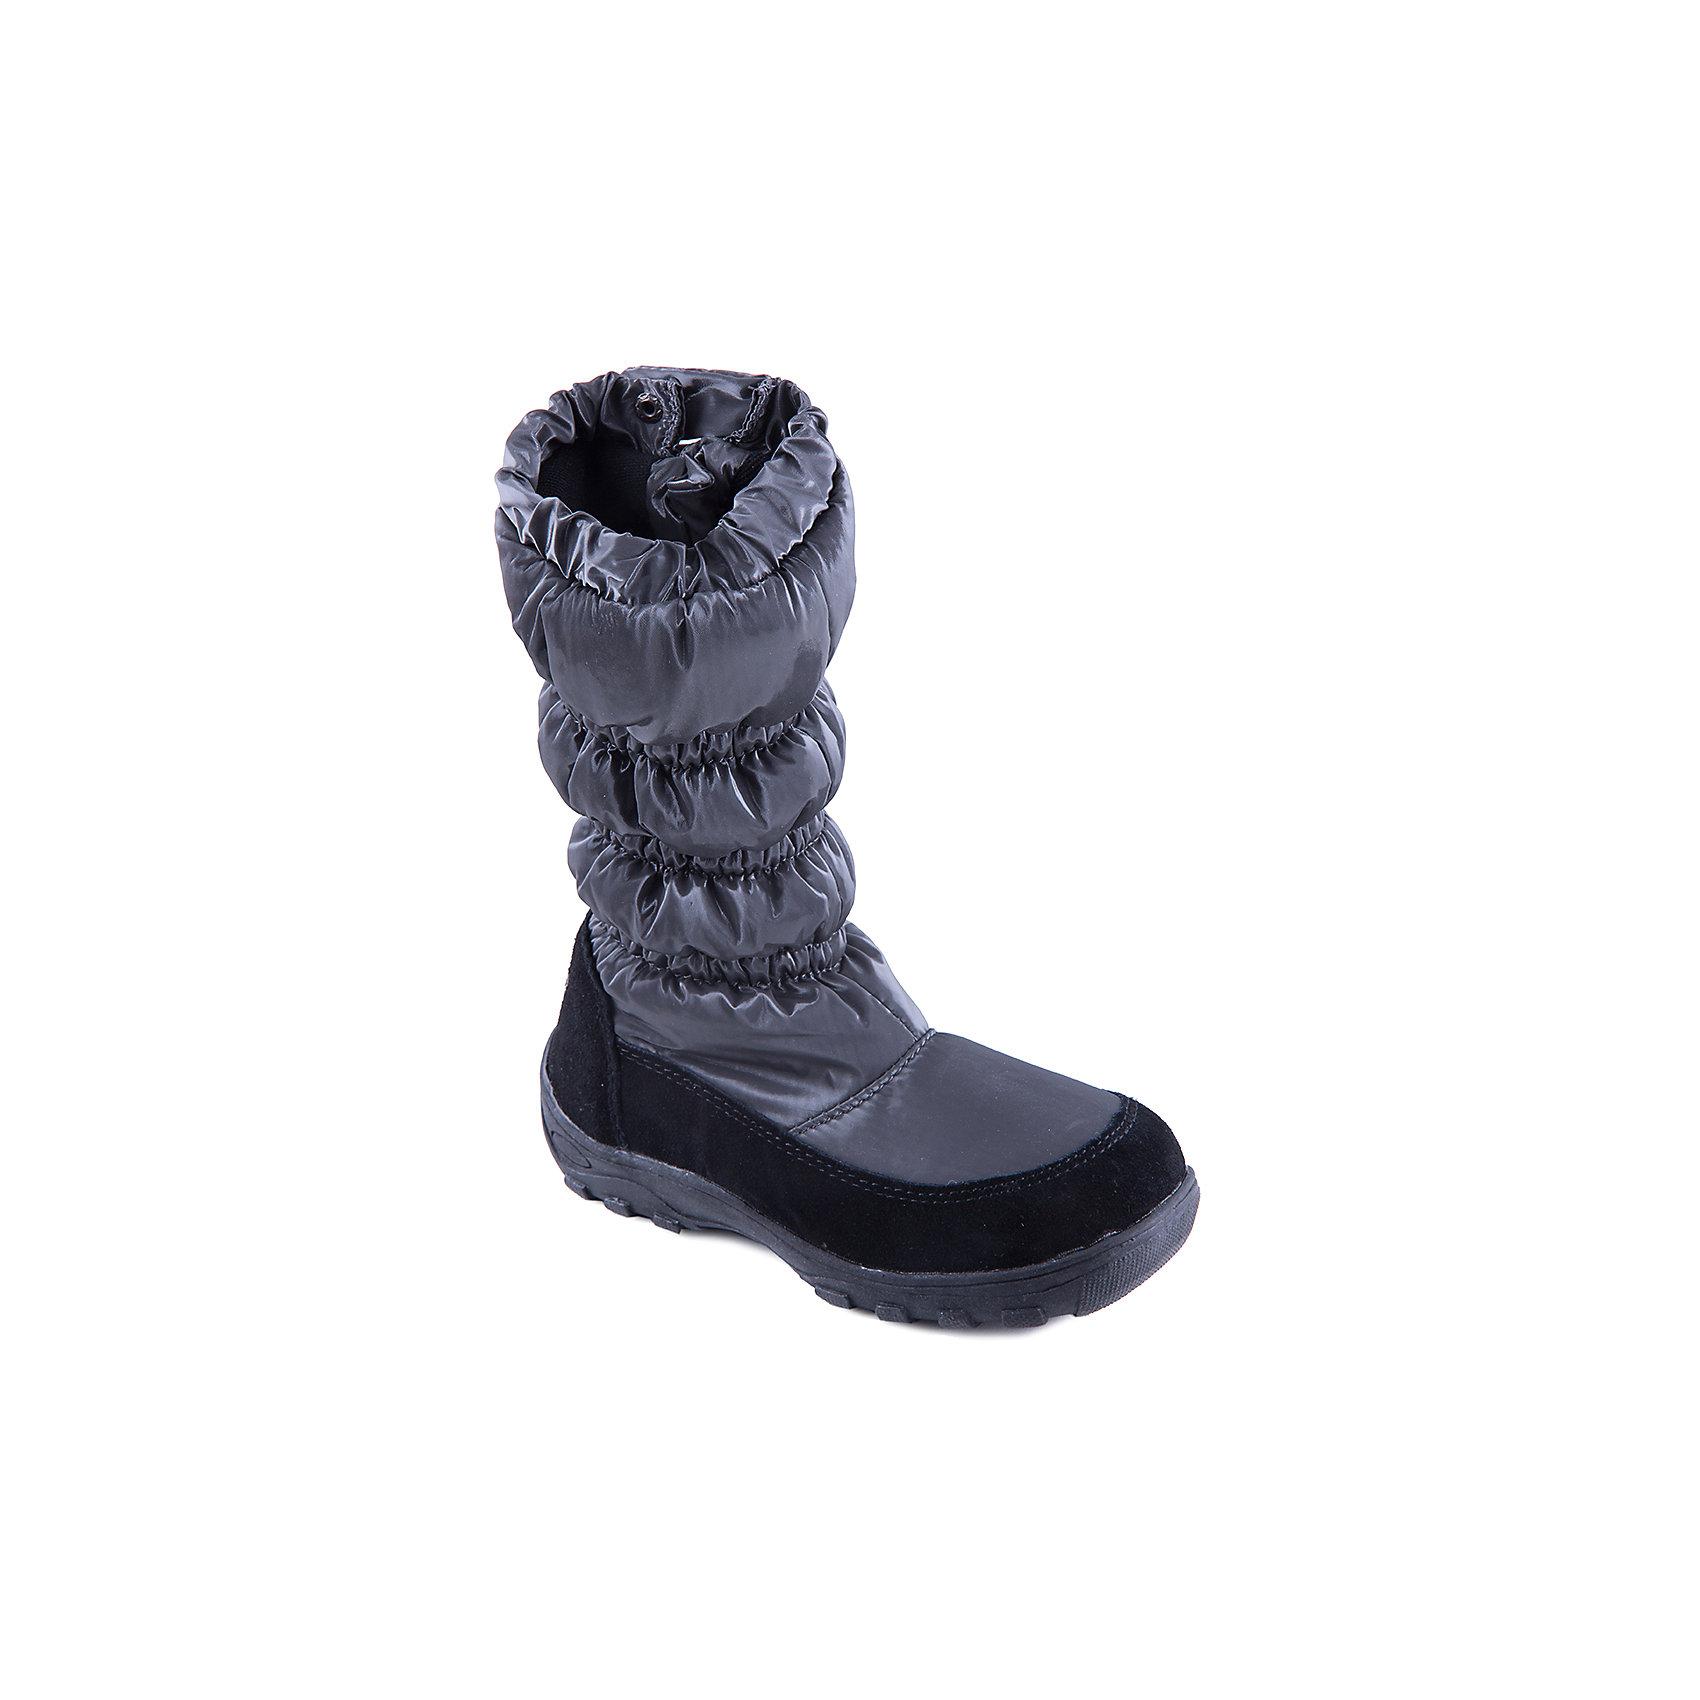 Сапоги для девочки MURSUСтильные сапоги от известного бренда MURSU порадуют всех юных модниц. Модель имеет антискользящую подошву, выполнена из высококачественных материалов, очень хорошо смотрится на ноге. Сапоги застегиваются на молнию и кнопку.  Прекрасный вариант на холодную погоду. <br><br>Дополнительная информация:<br><br>- Сезон: зима/осень.<br>- Тепловой режим: от -5? до -20? <br>- Цвет: серый.<br>- Рифленая подошва.<br>- Тип застежки: молния, кнопка. <br><br>Состав:<br>- Материал верха: текстиль/ искусственная замша.<br>- Материал подкладки: искусственная шерсть.<br>- Материал подошвы: TEP.<br>- Материал стельки: искусственная шерсть.<br><br>Сапоги для девочки MURSU (Мурсу) можно купить в нашем магазине.<br><br>Ширина мм: 257<br>Глубина мм: 180<br>Высота мм: 130<br>Вес г: 420<br>Цвет: серый<br>Возраст от месяцев: 96<br>Возраст до месяцев: 108<br>Пол: Женский<br>Возраст: Детский<br>Размер: 32,36,37,33,34,35<br>SKU: 4202436